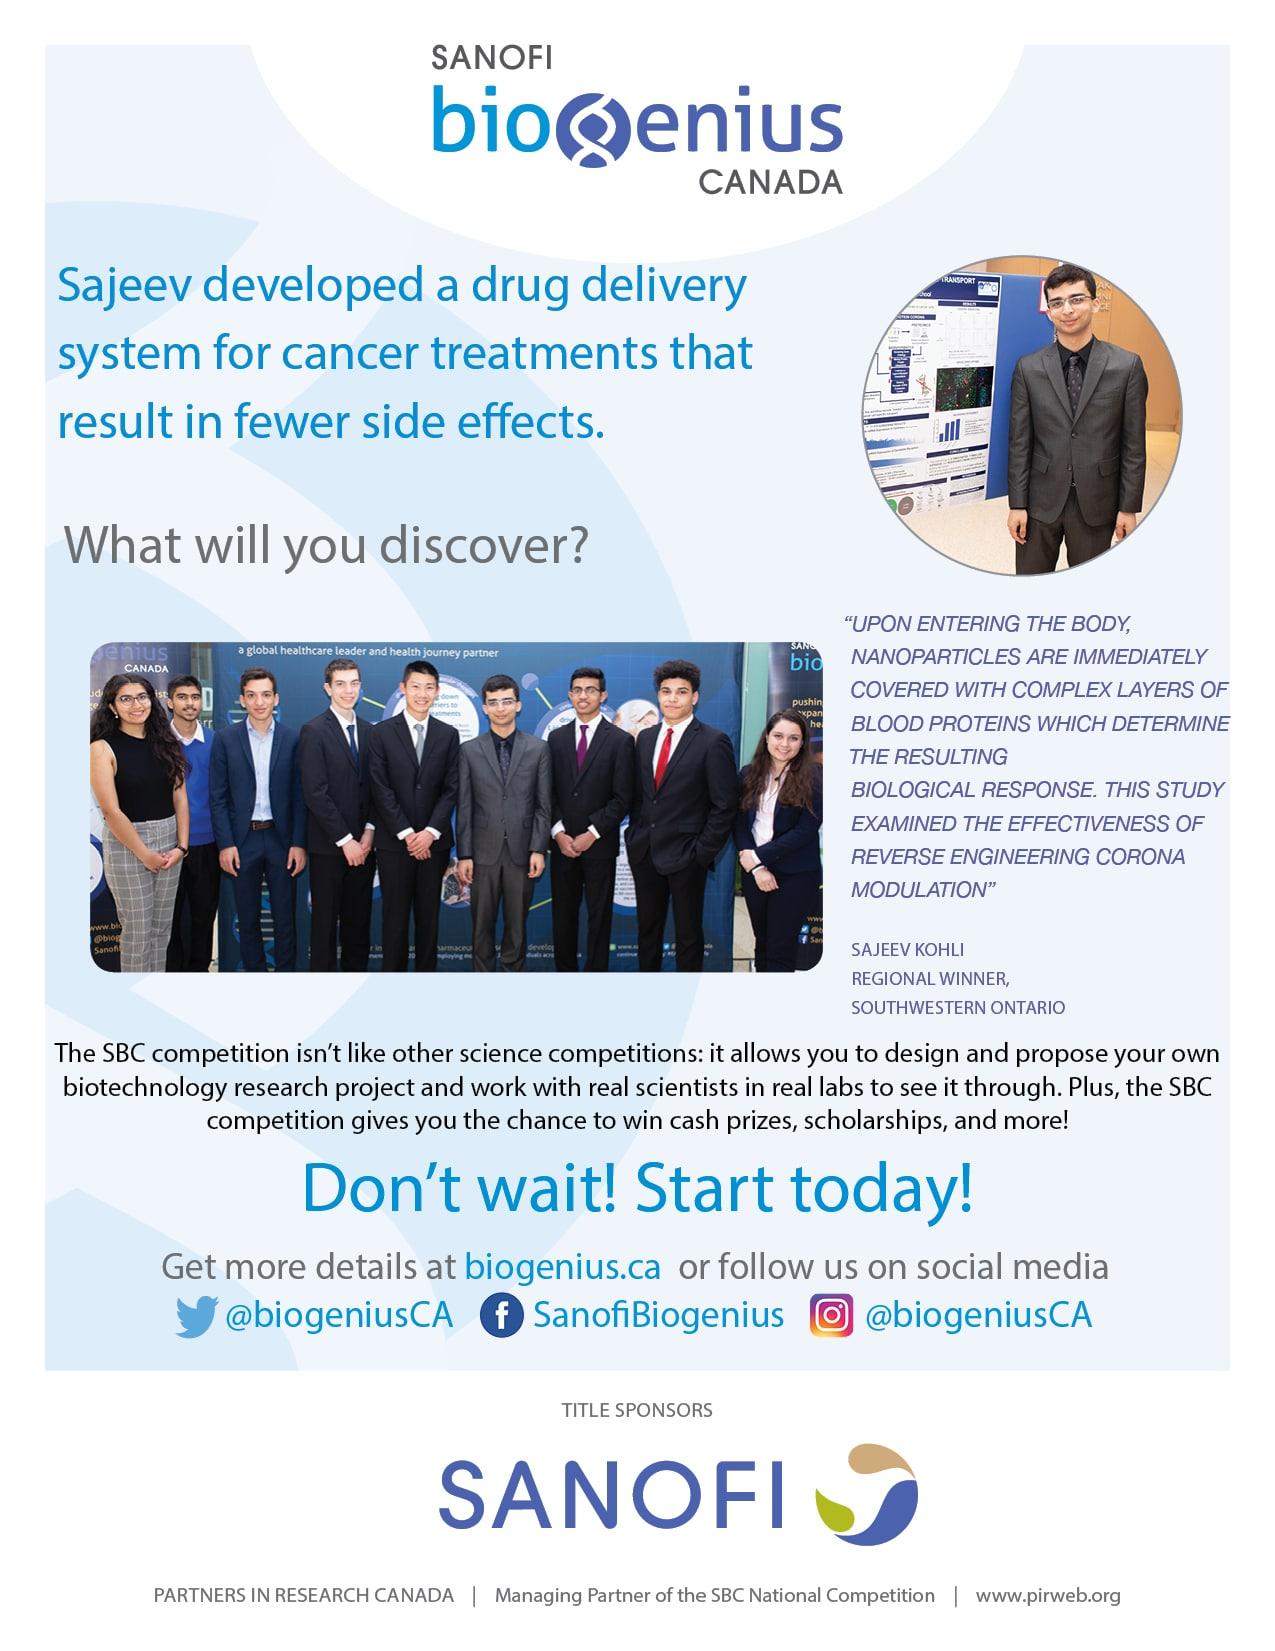 Sajeev's Poster